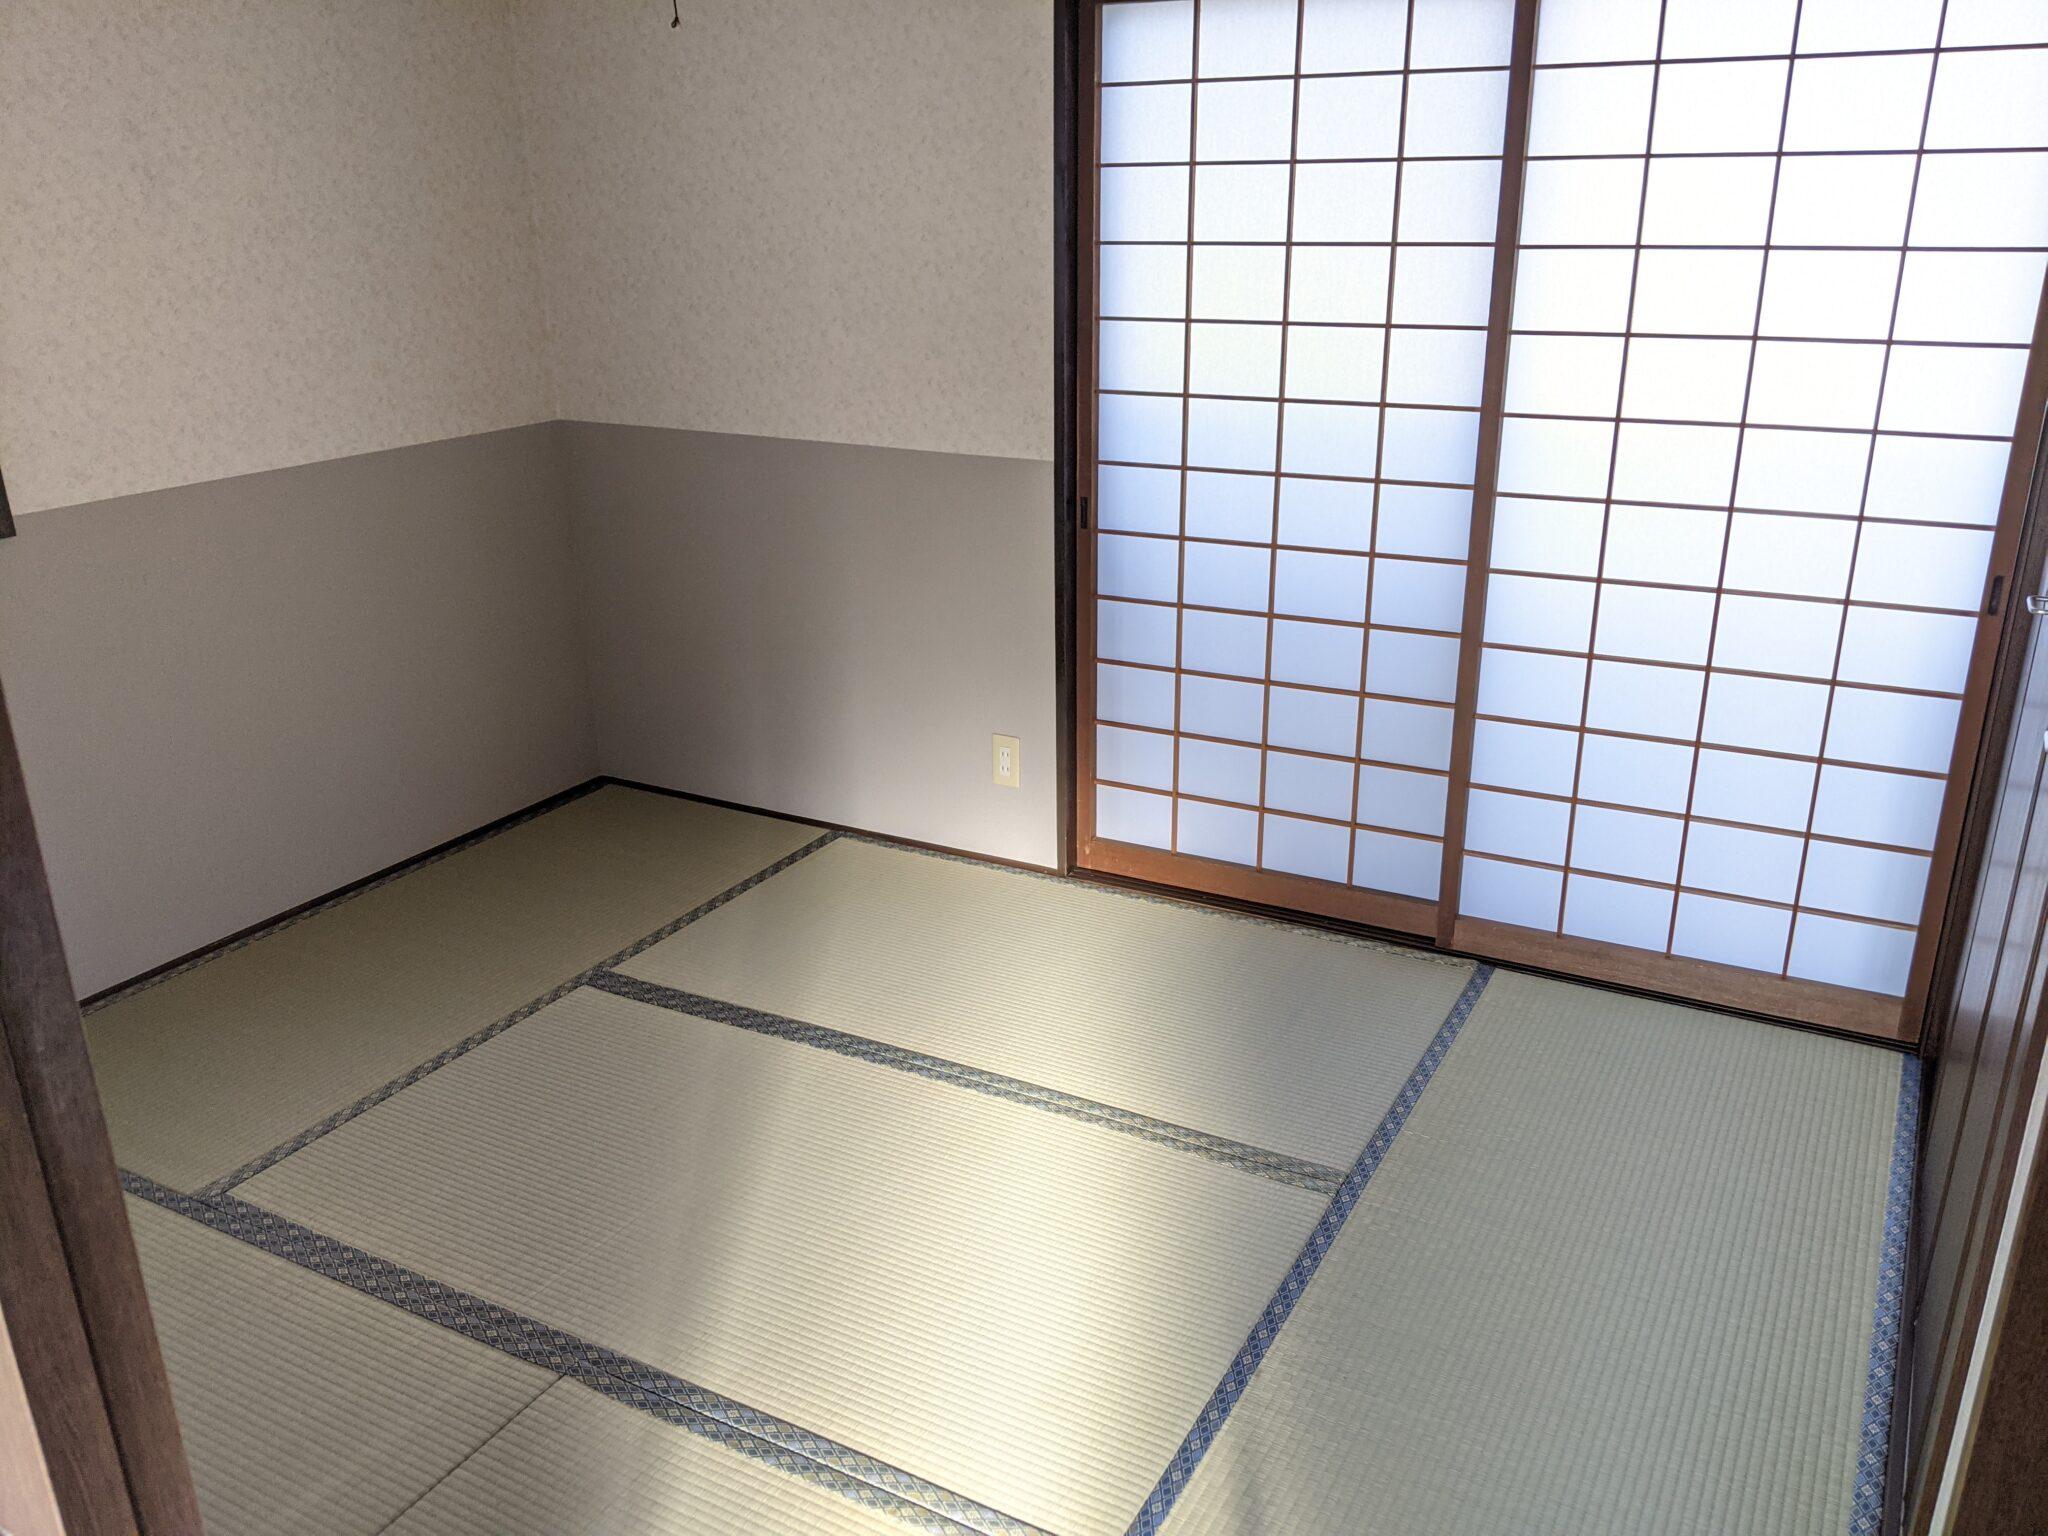 ハッピーサイド石田201 画像5